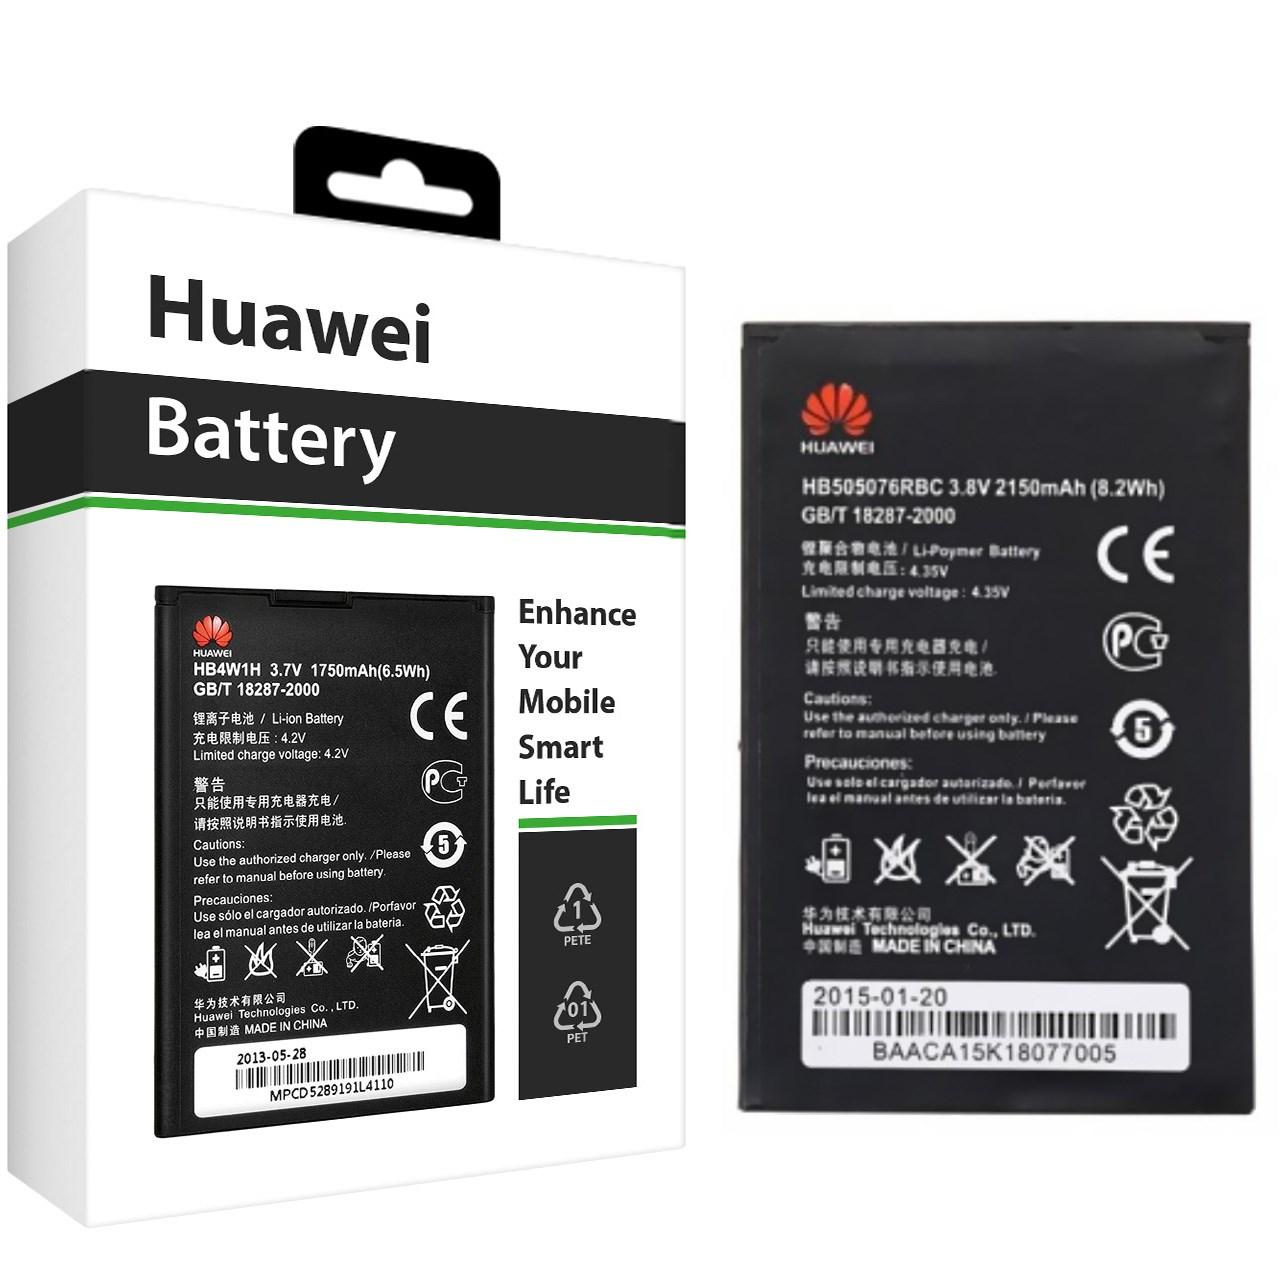 باتری موبایل  مدل HB505076RBC با ظرفیت 2150mAh مناسب برای گوشی موبایل هوآوی Ascend G610